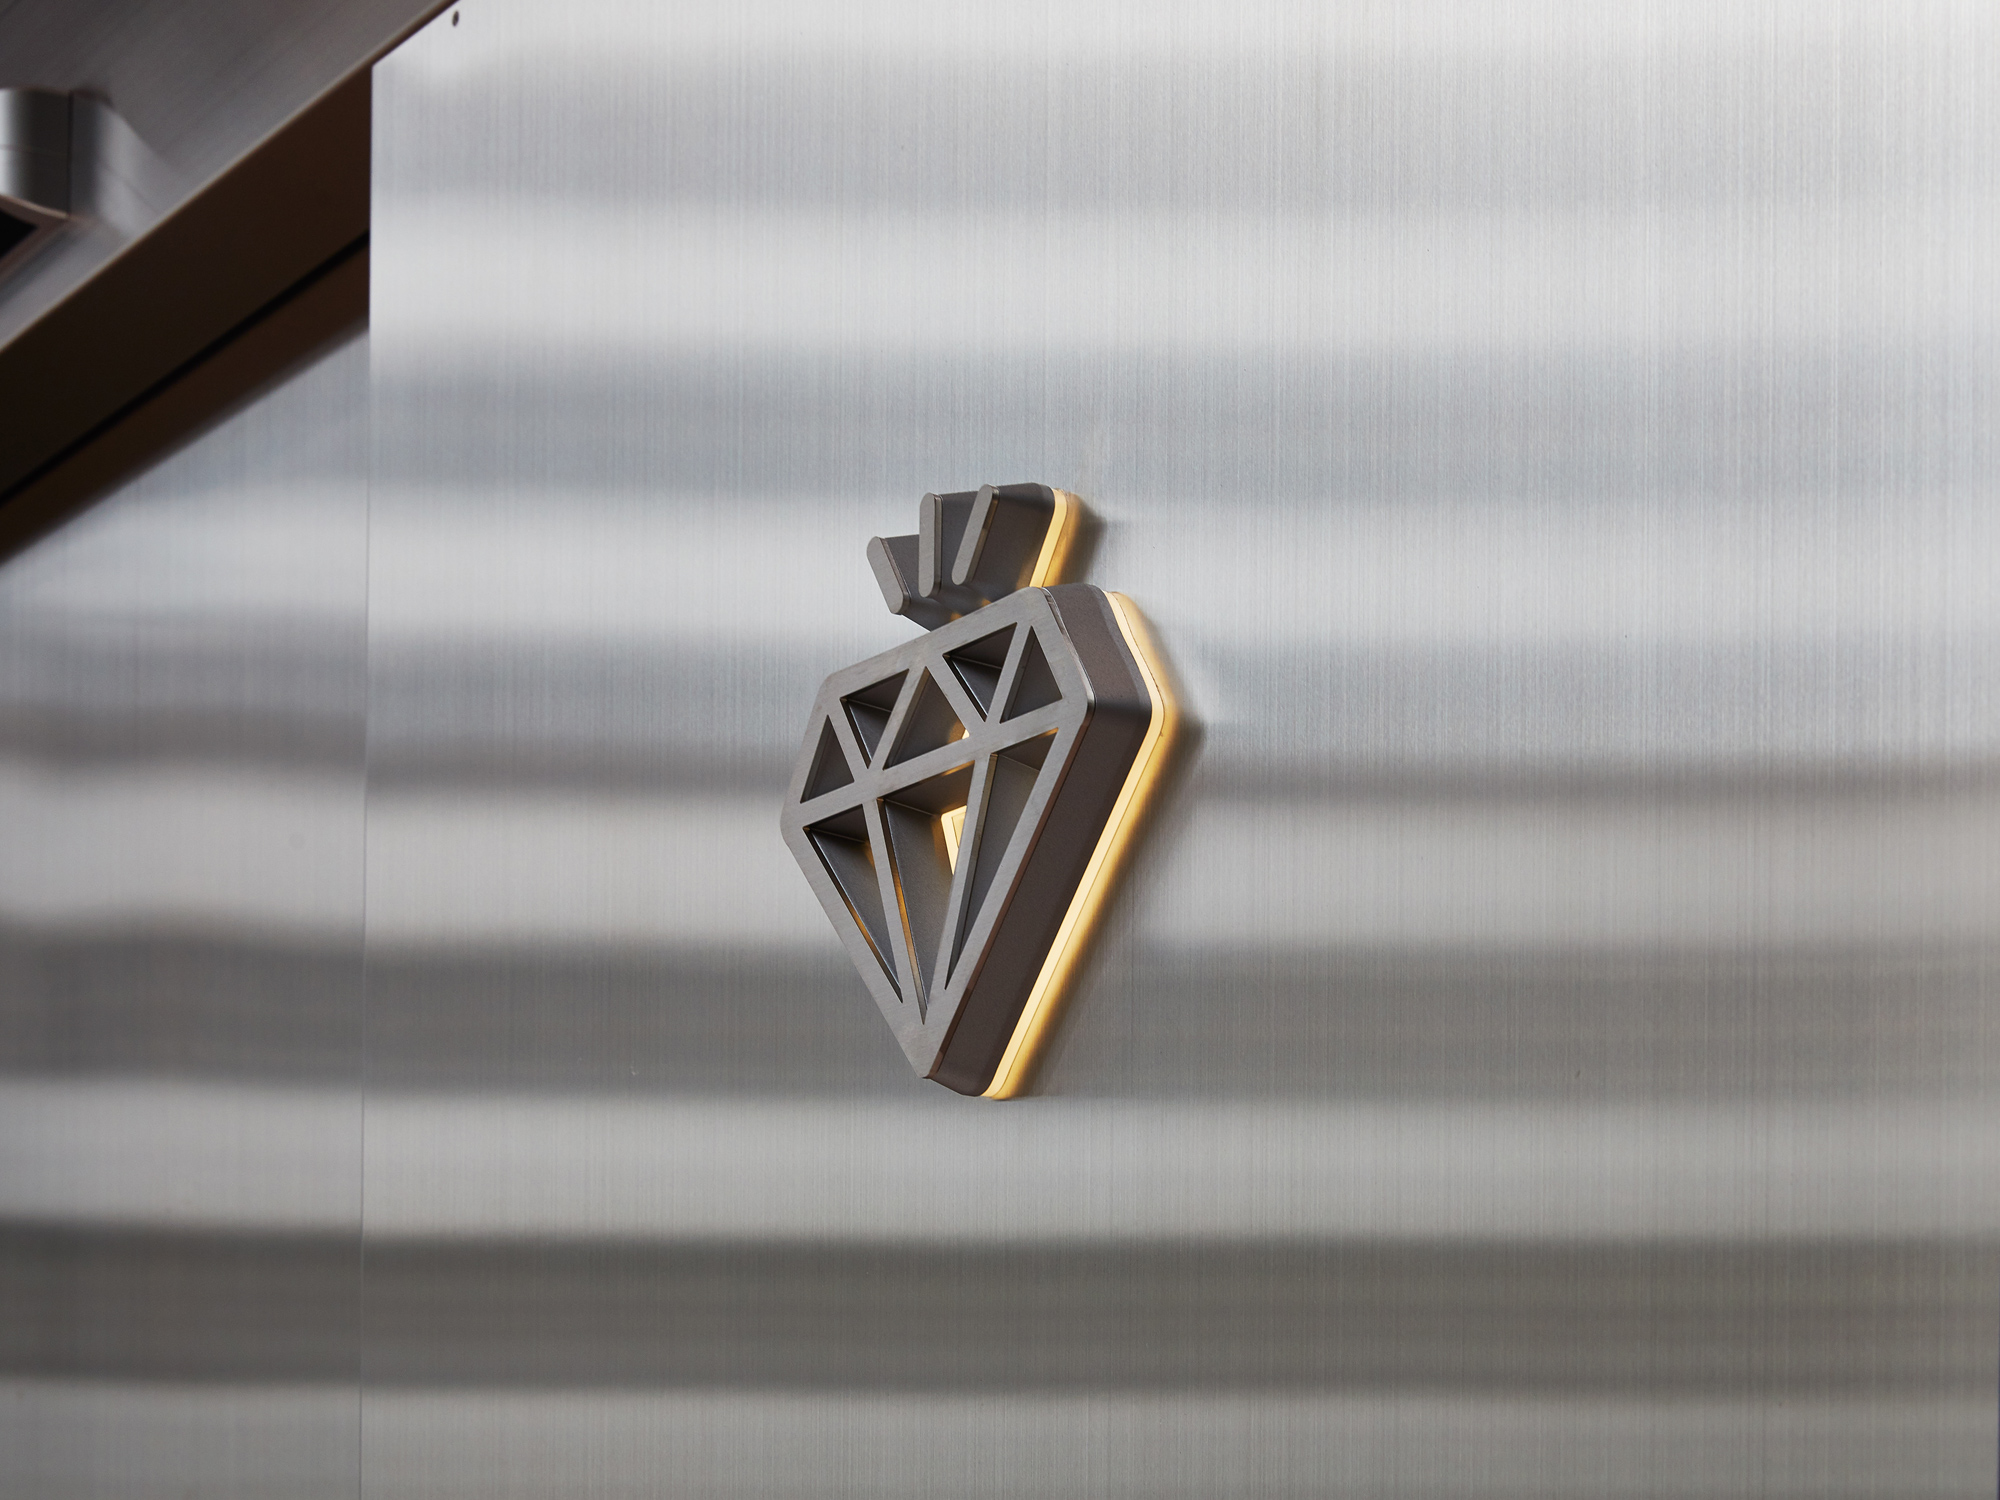 壁面のステンレスと塗装の金属感を合わせて光をアクセントにした例の写真